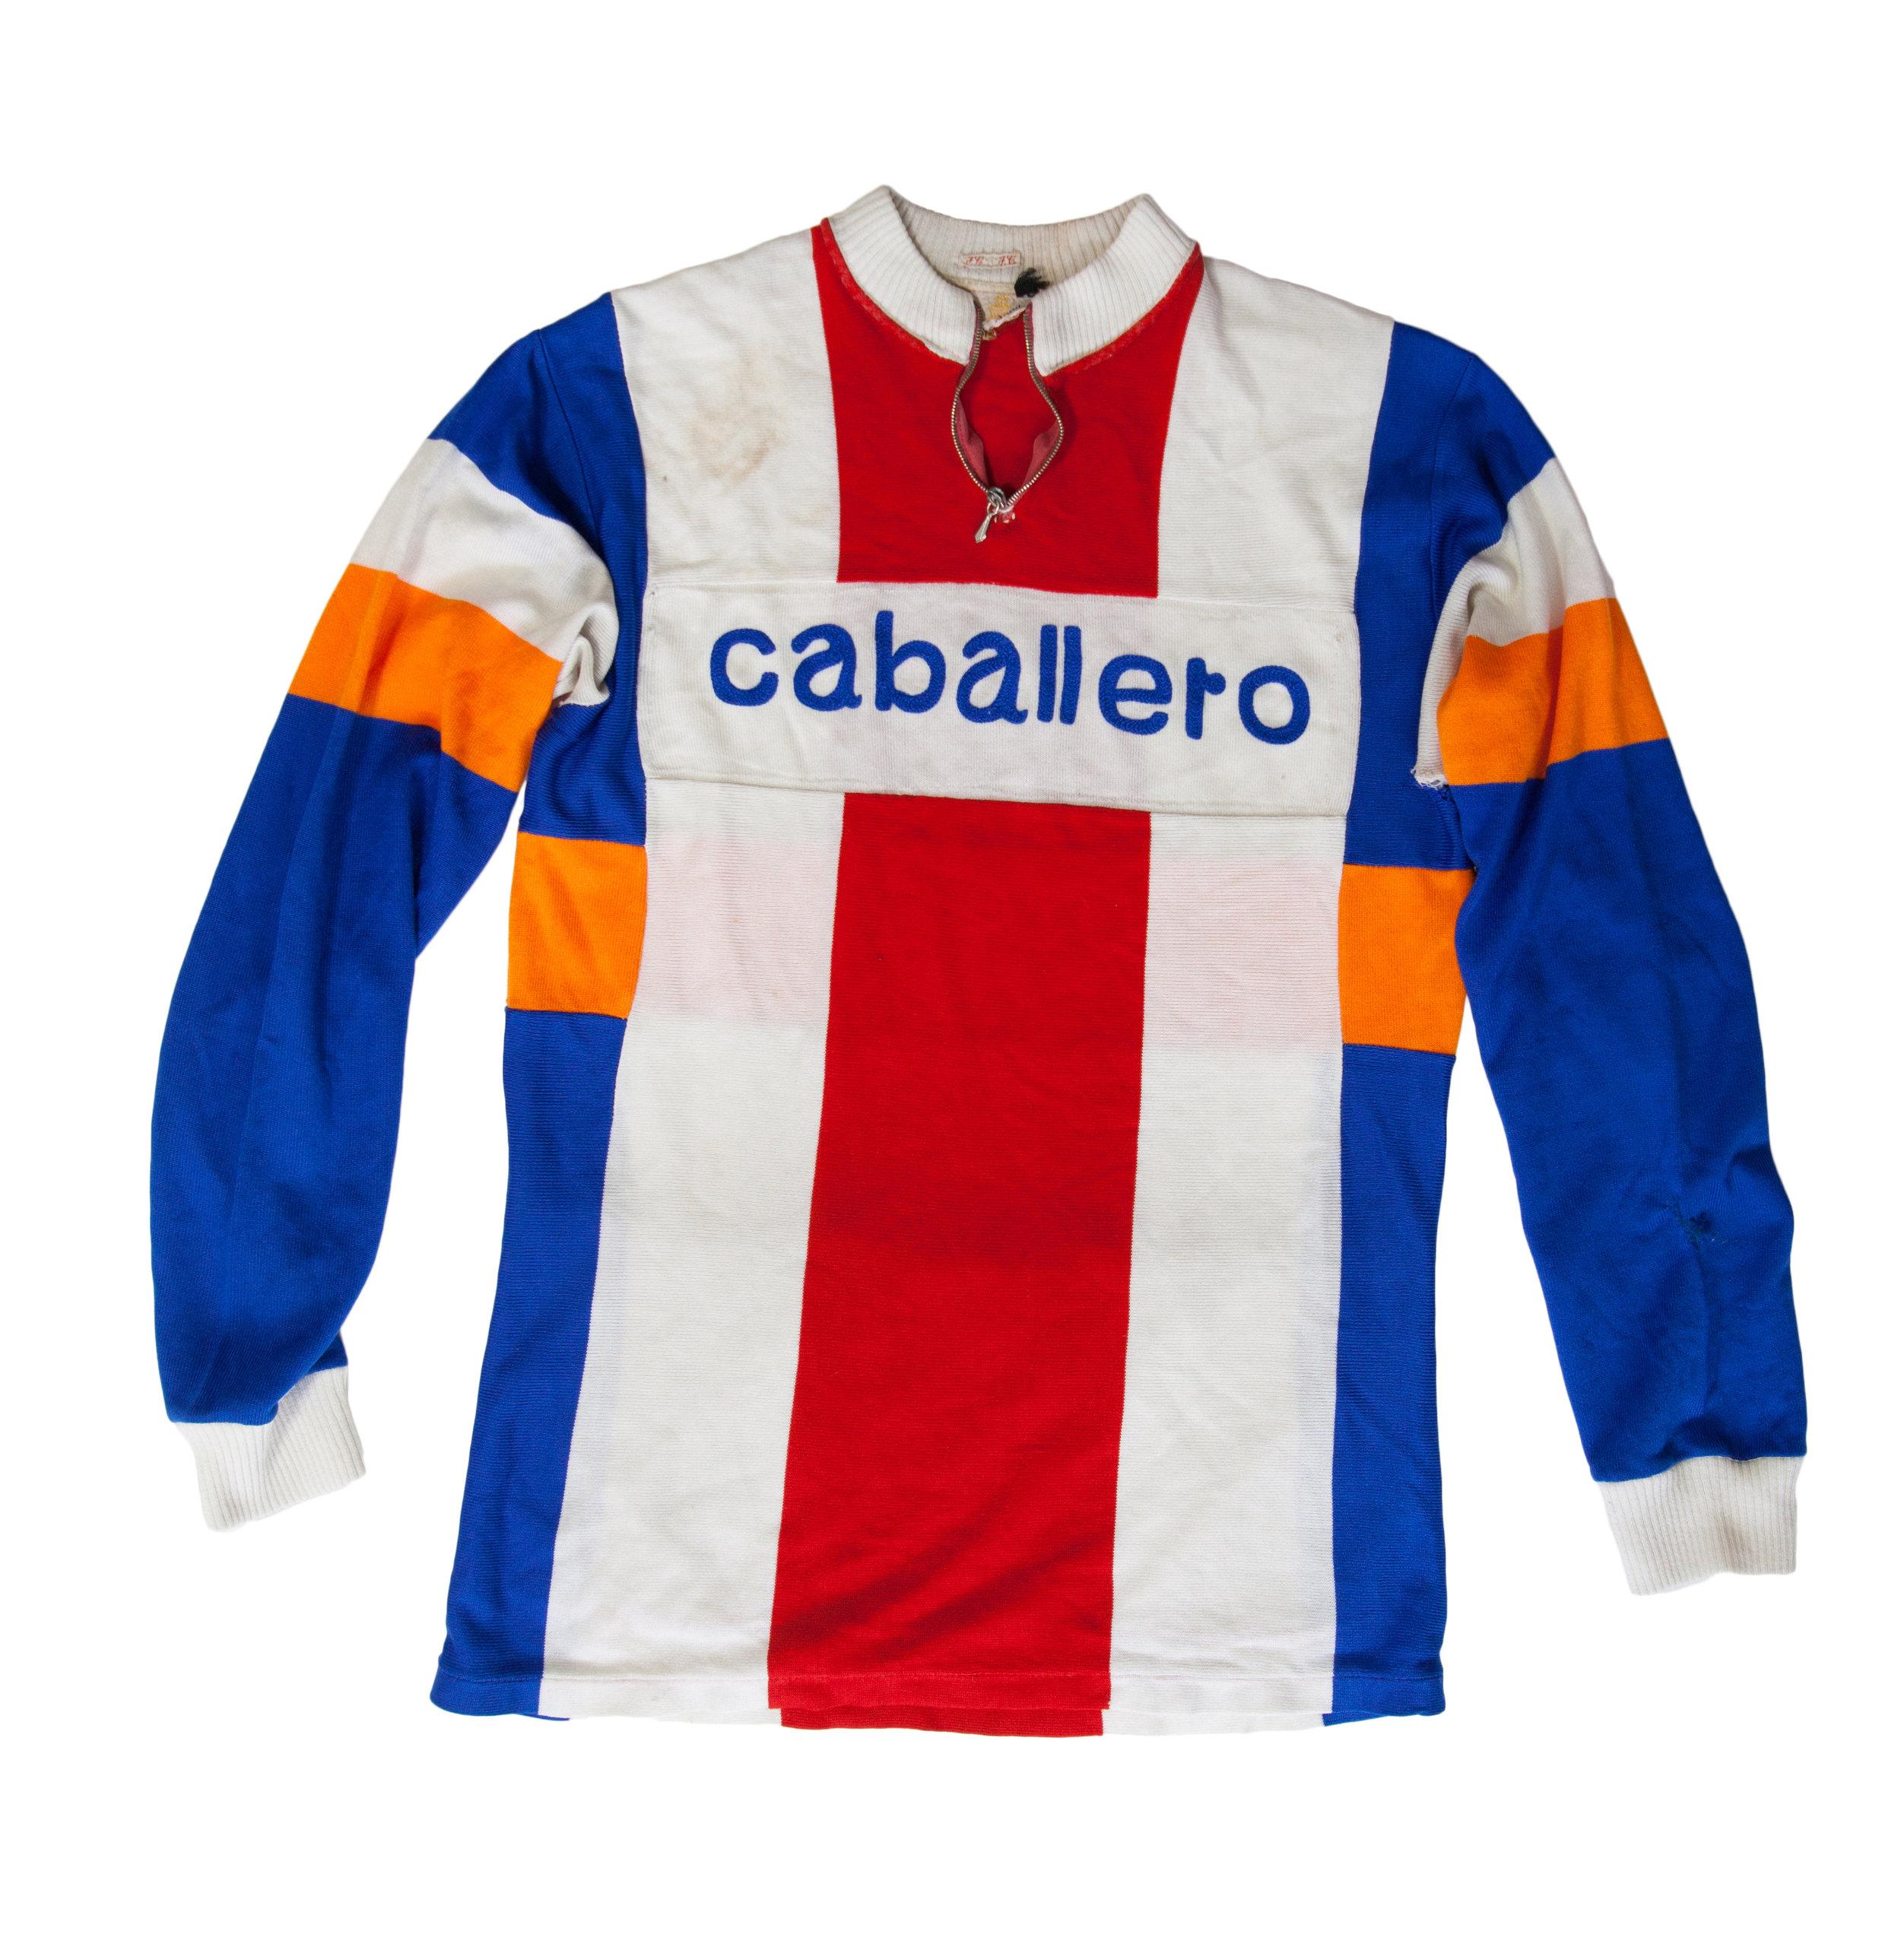 Caballero_Front.jpg